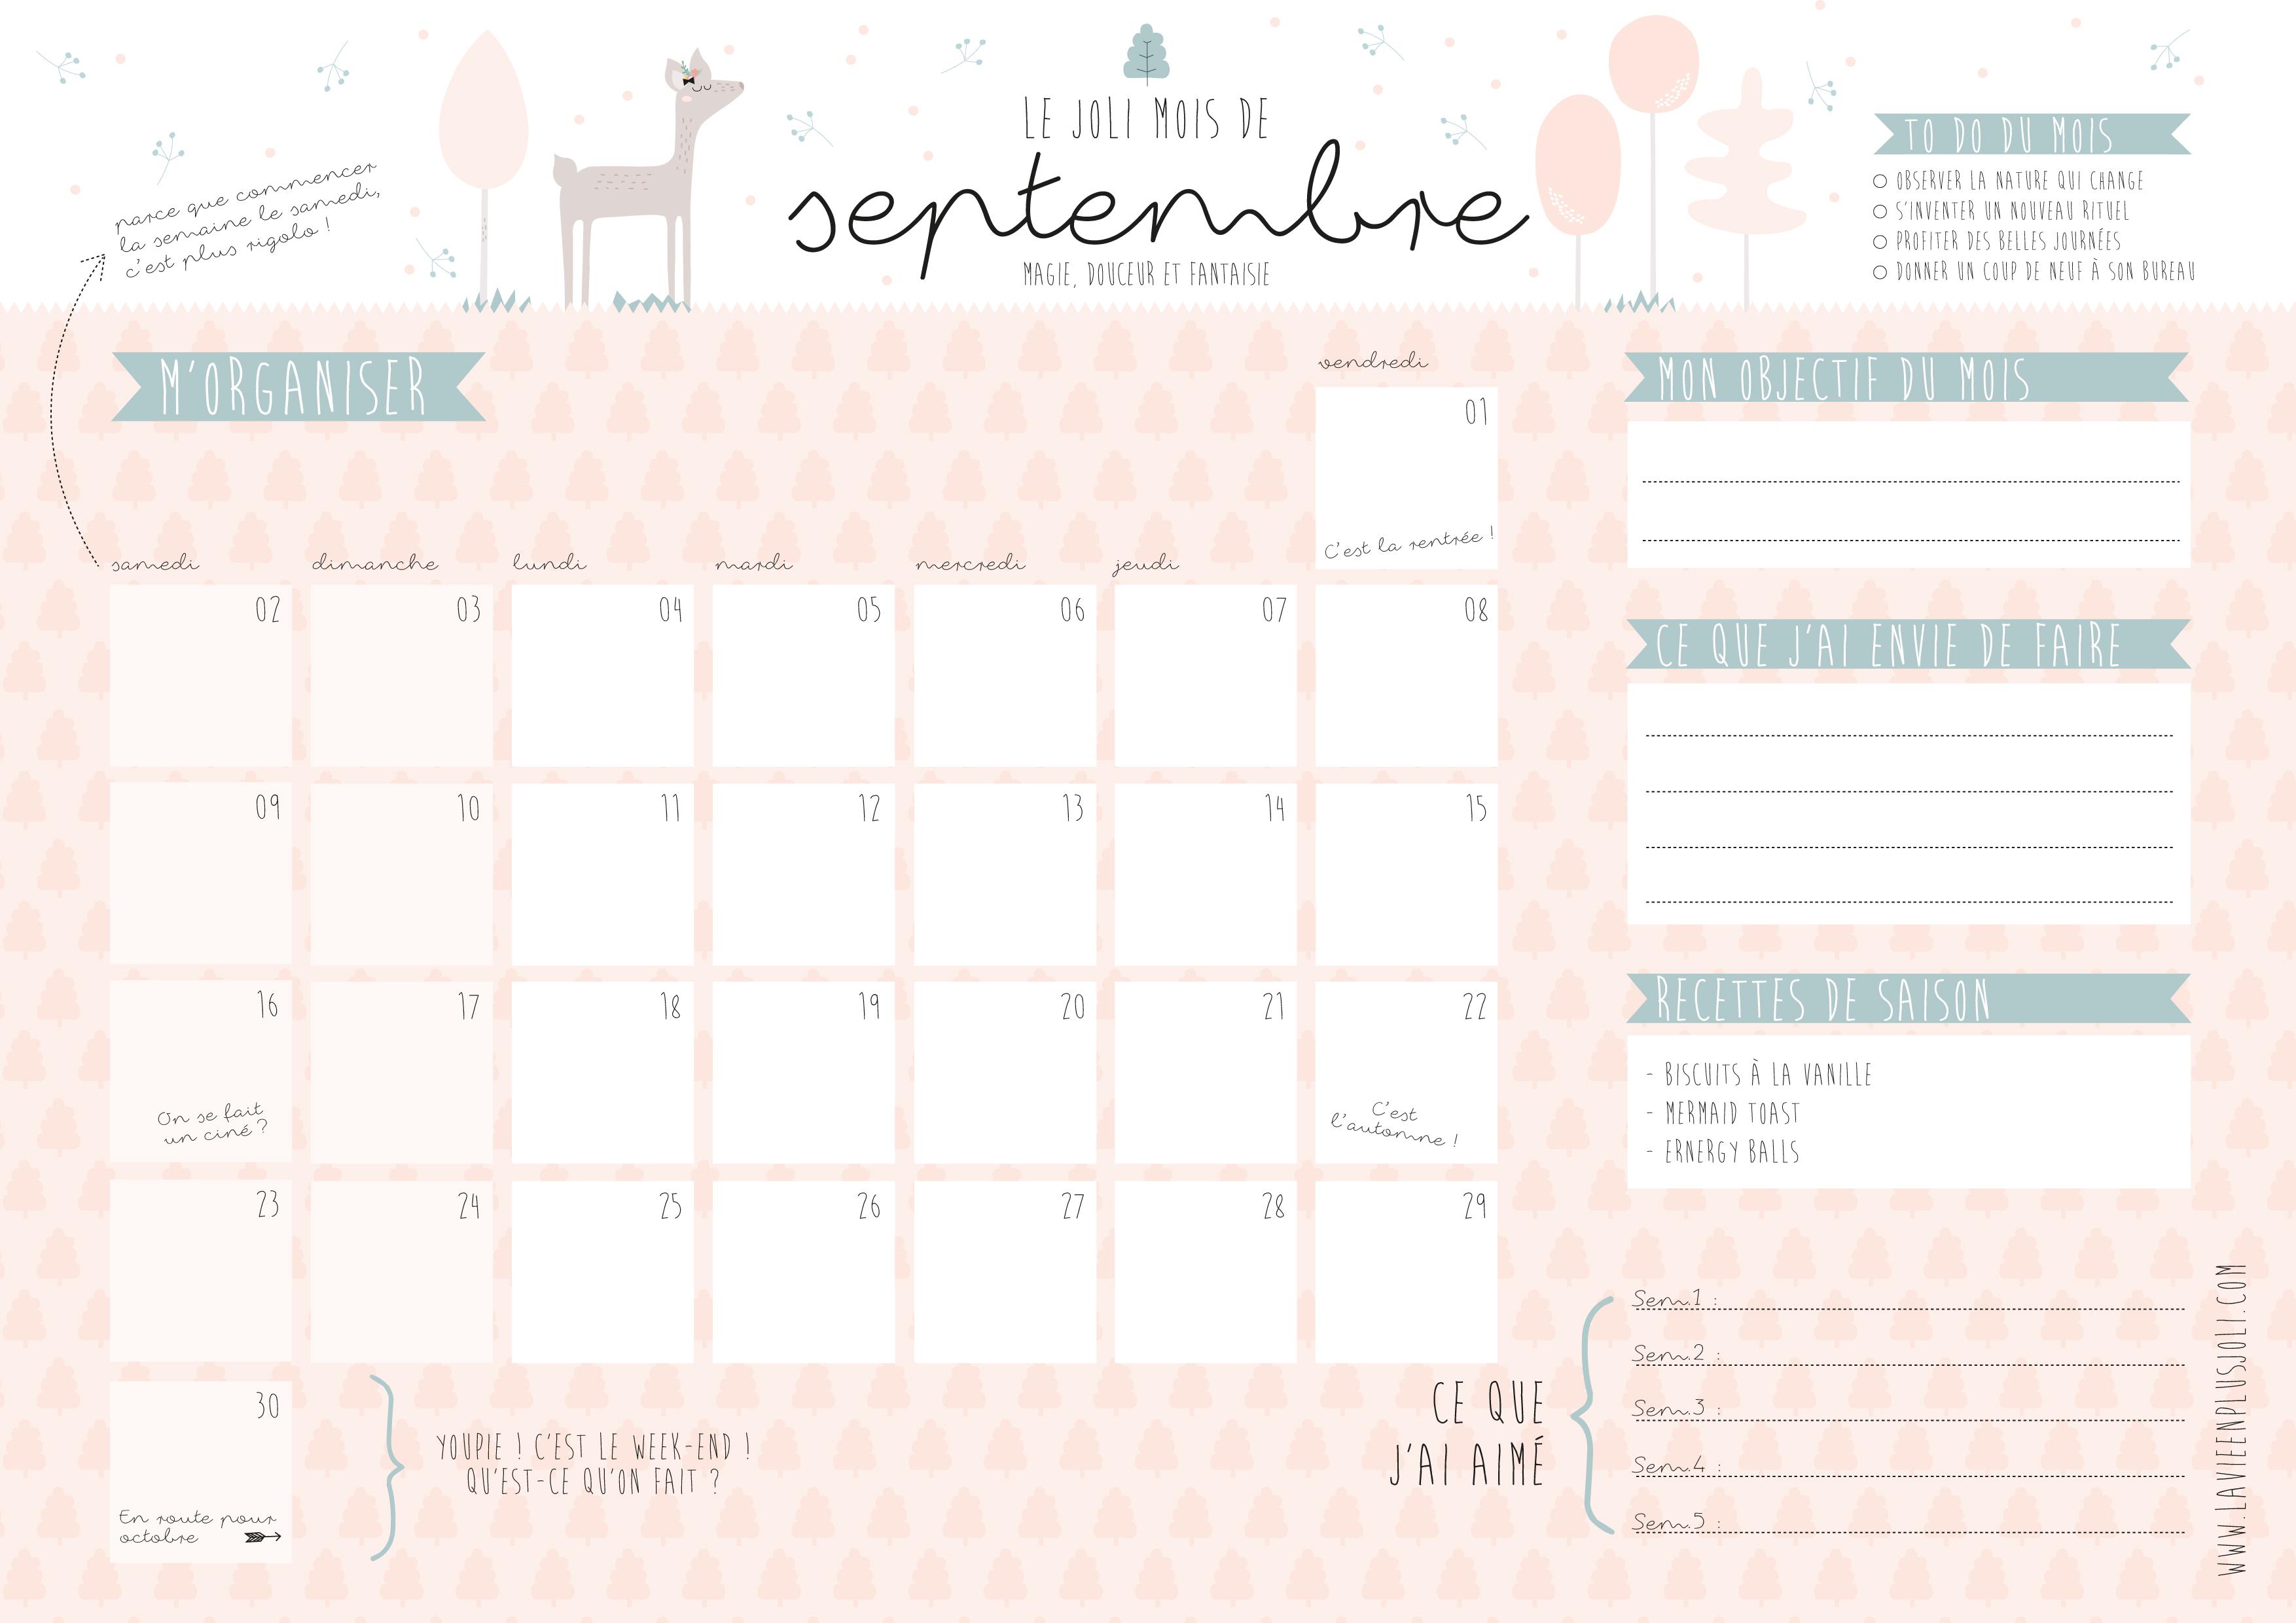 Calendrier Mois De Septembre.Calendrier Du Mois De Septembre A Imprimer La Vie En Plus Joli